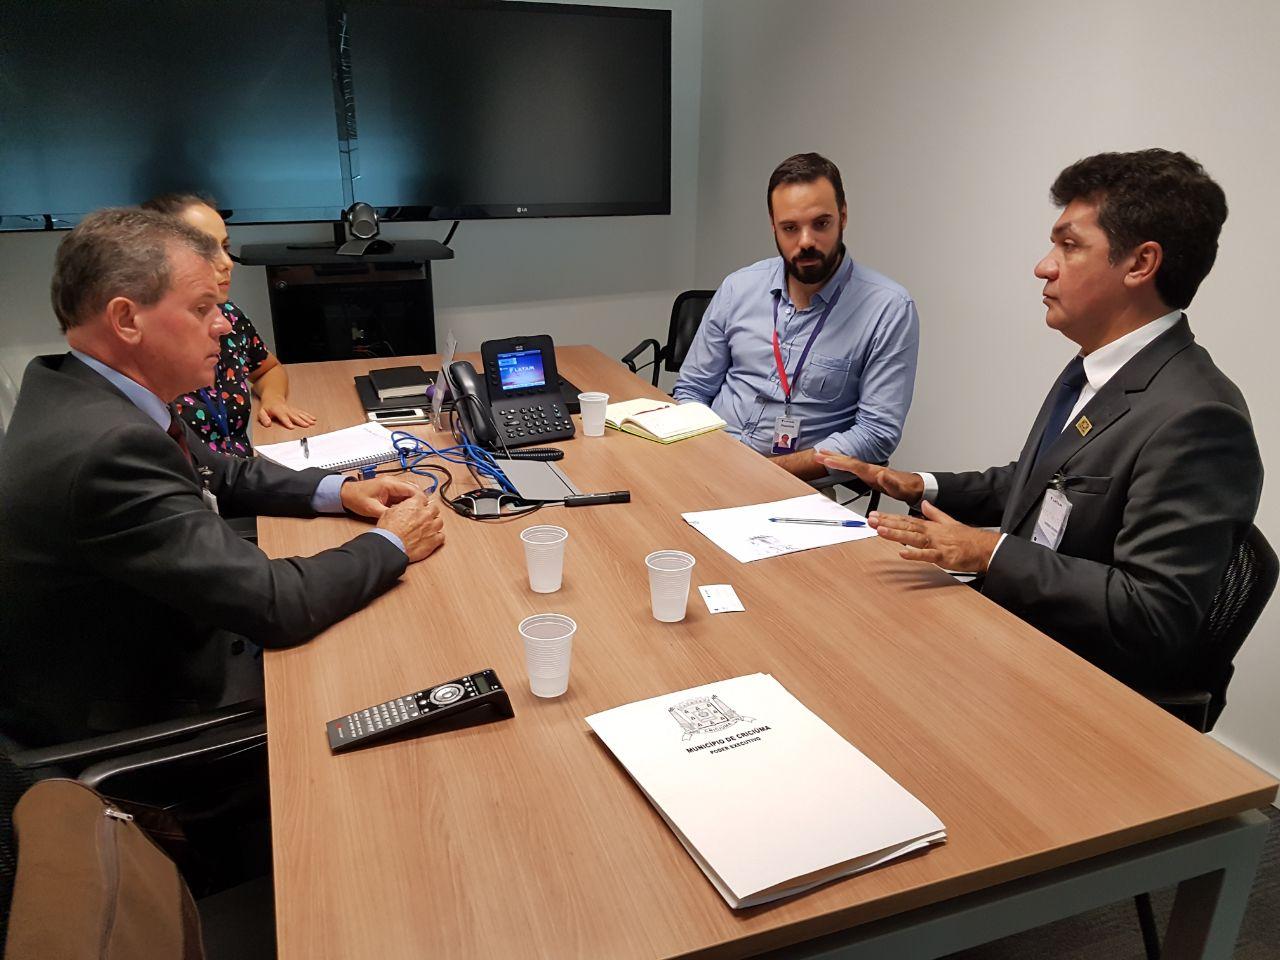 Prefeitura Municipal de Criciúma - Salvaro se reúne com gerência da Latam e discute alteração em horário de voo